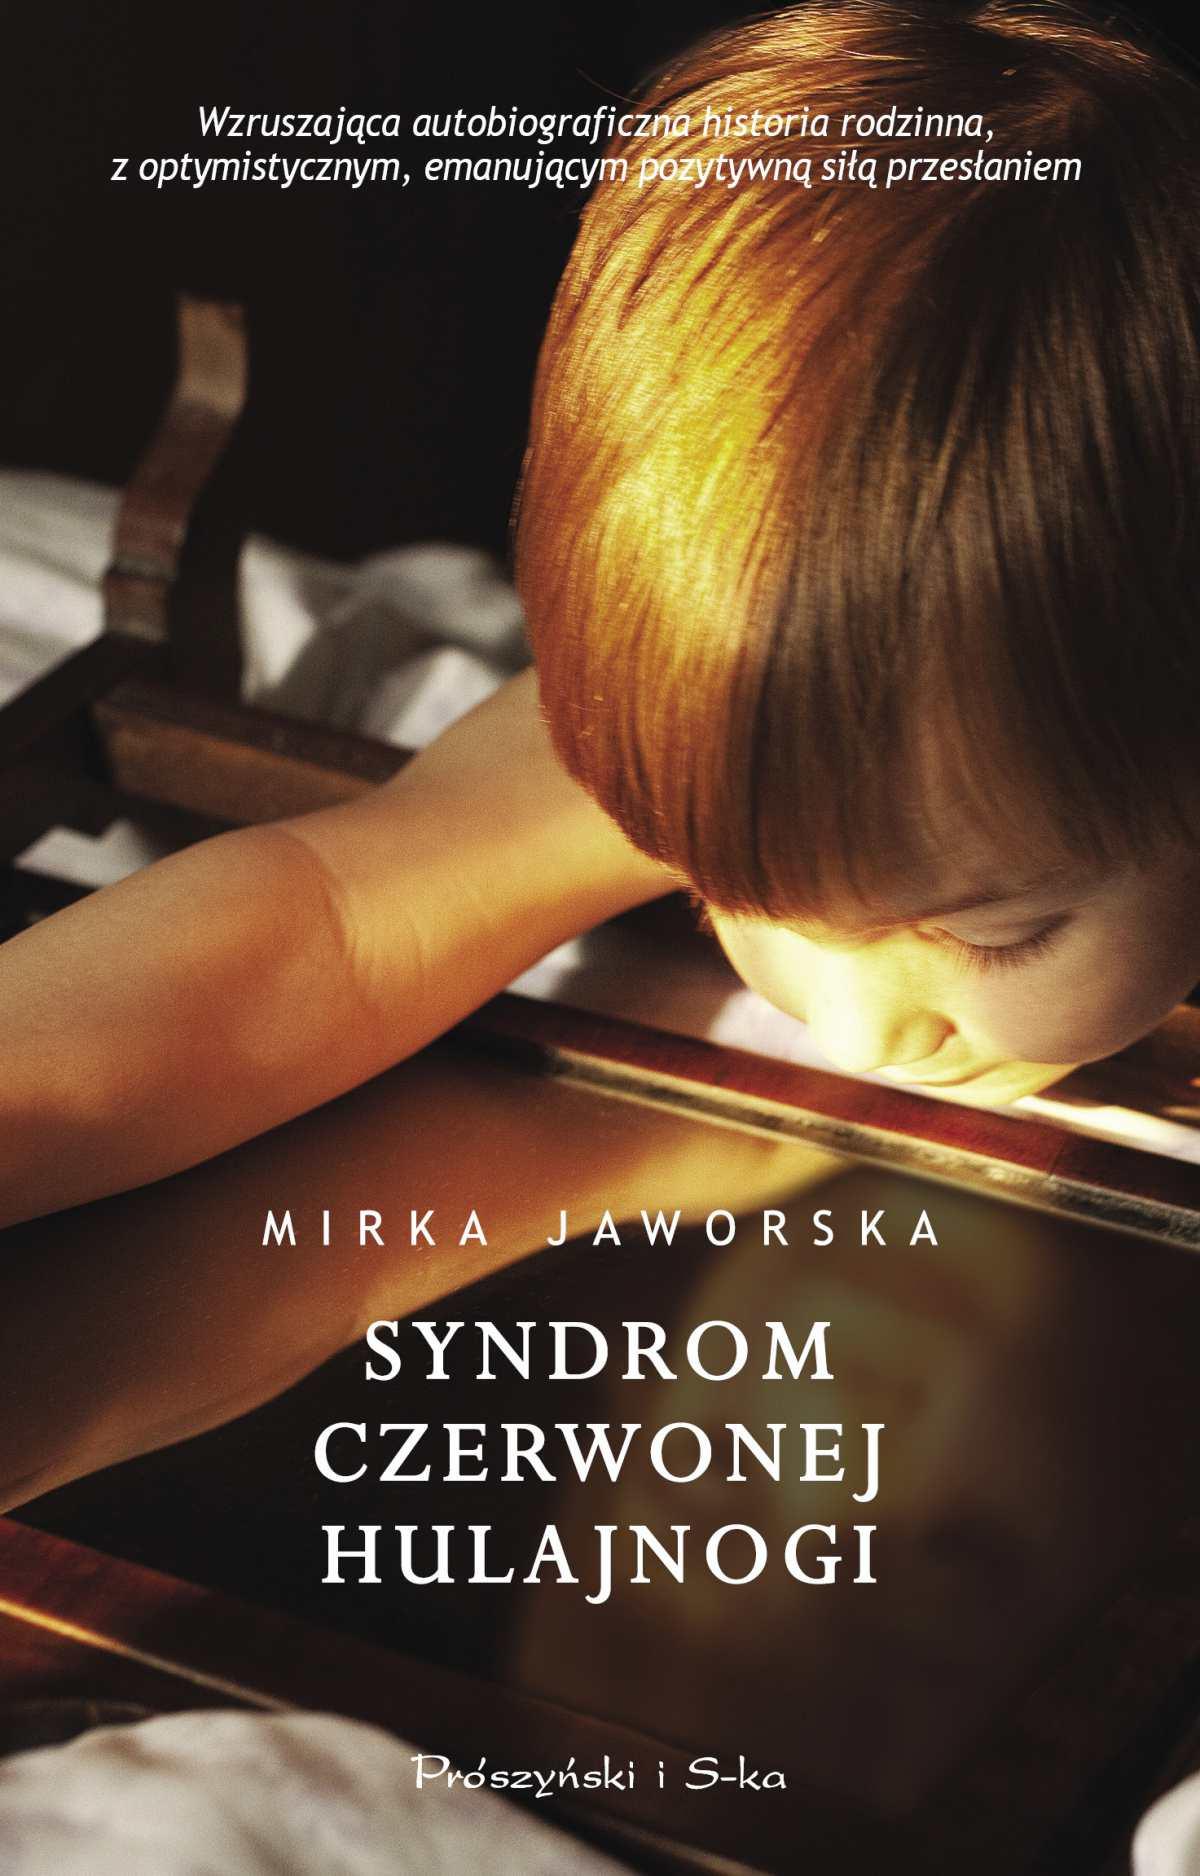 Syndrom czerwonej hulajnogi - Ebook (Książka na Kindle) do pobrania w formacie MOBI